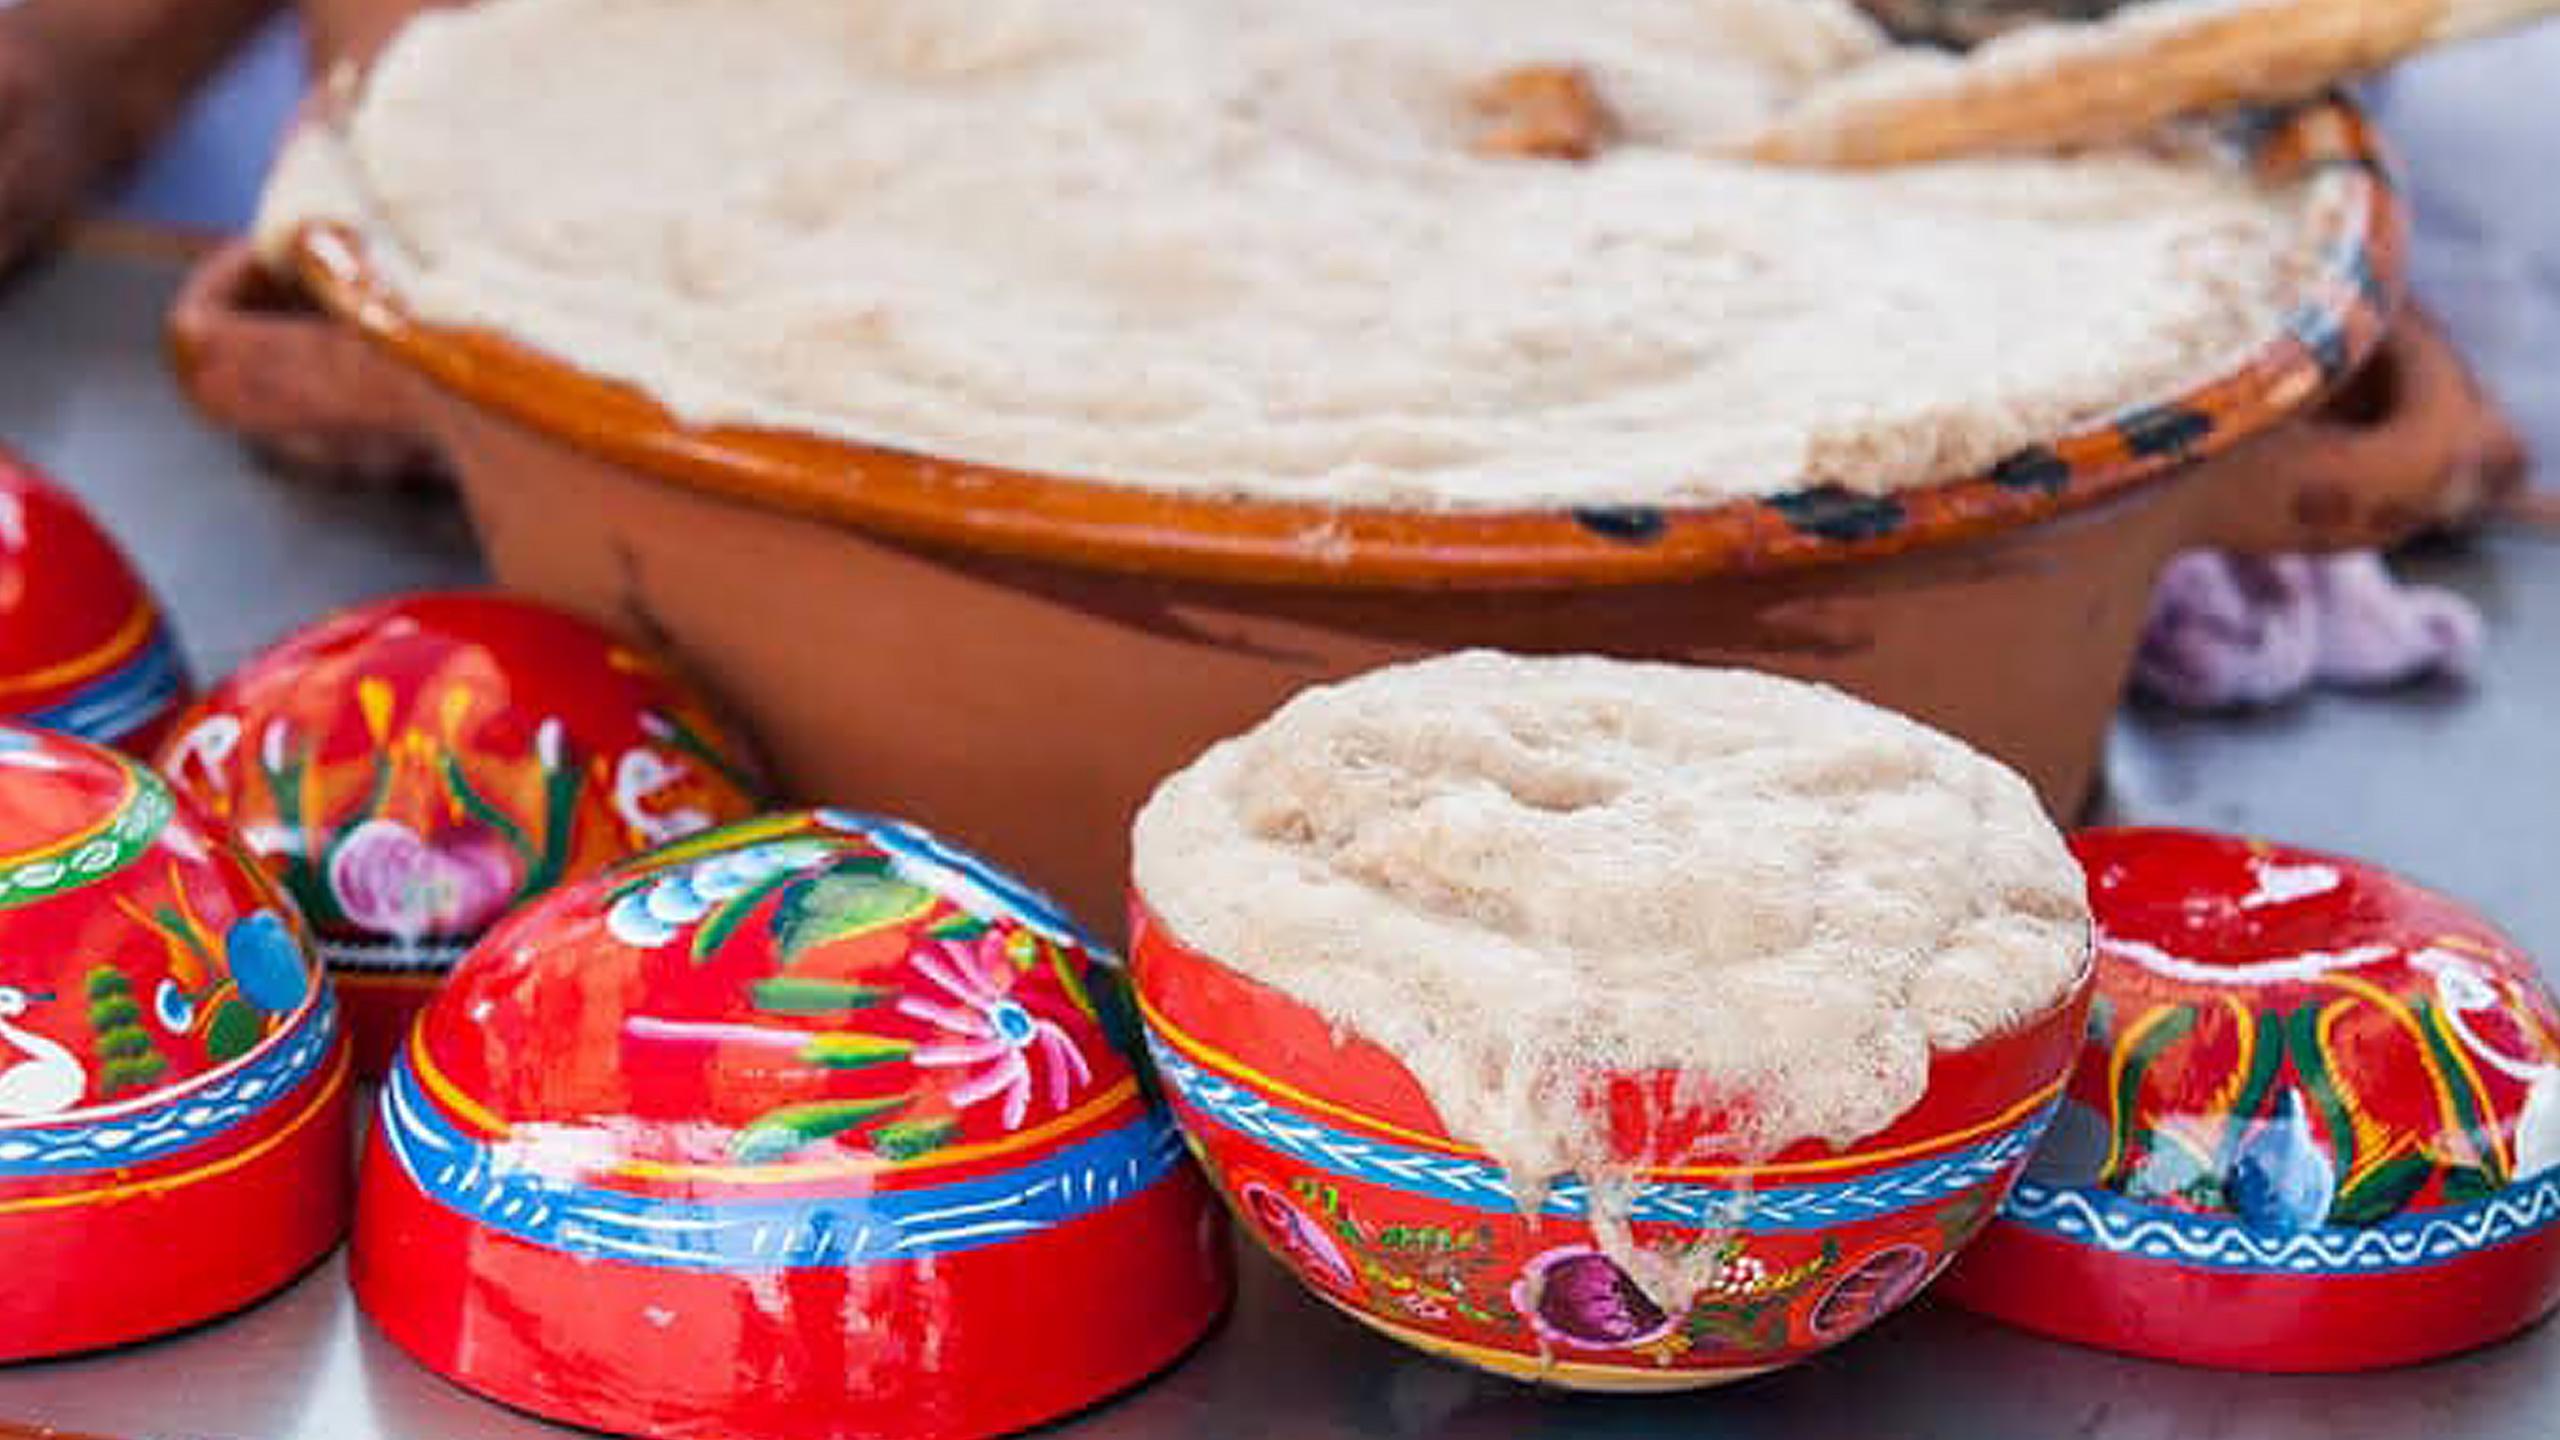 agua-de-barranca-de Zacatelco-Tlaxcala